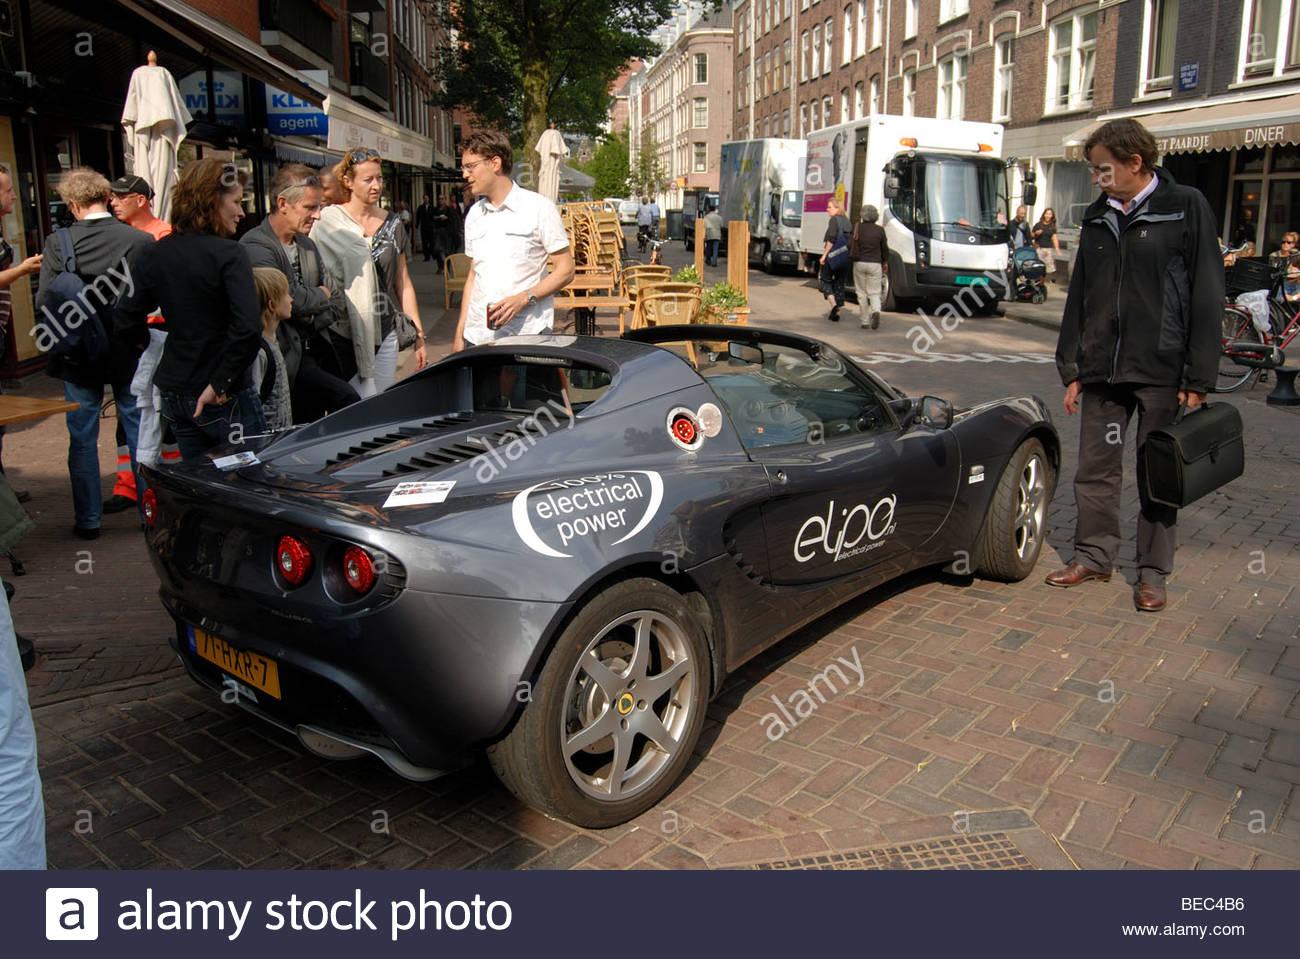 Amsterdam - angetriebene elektrisch Lotus Elise ECE Hochleistungssportwagen von Elipo elektrischer Energie. Stockbild